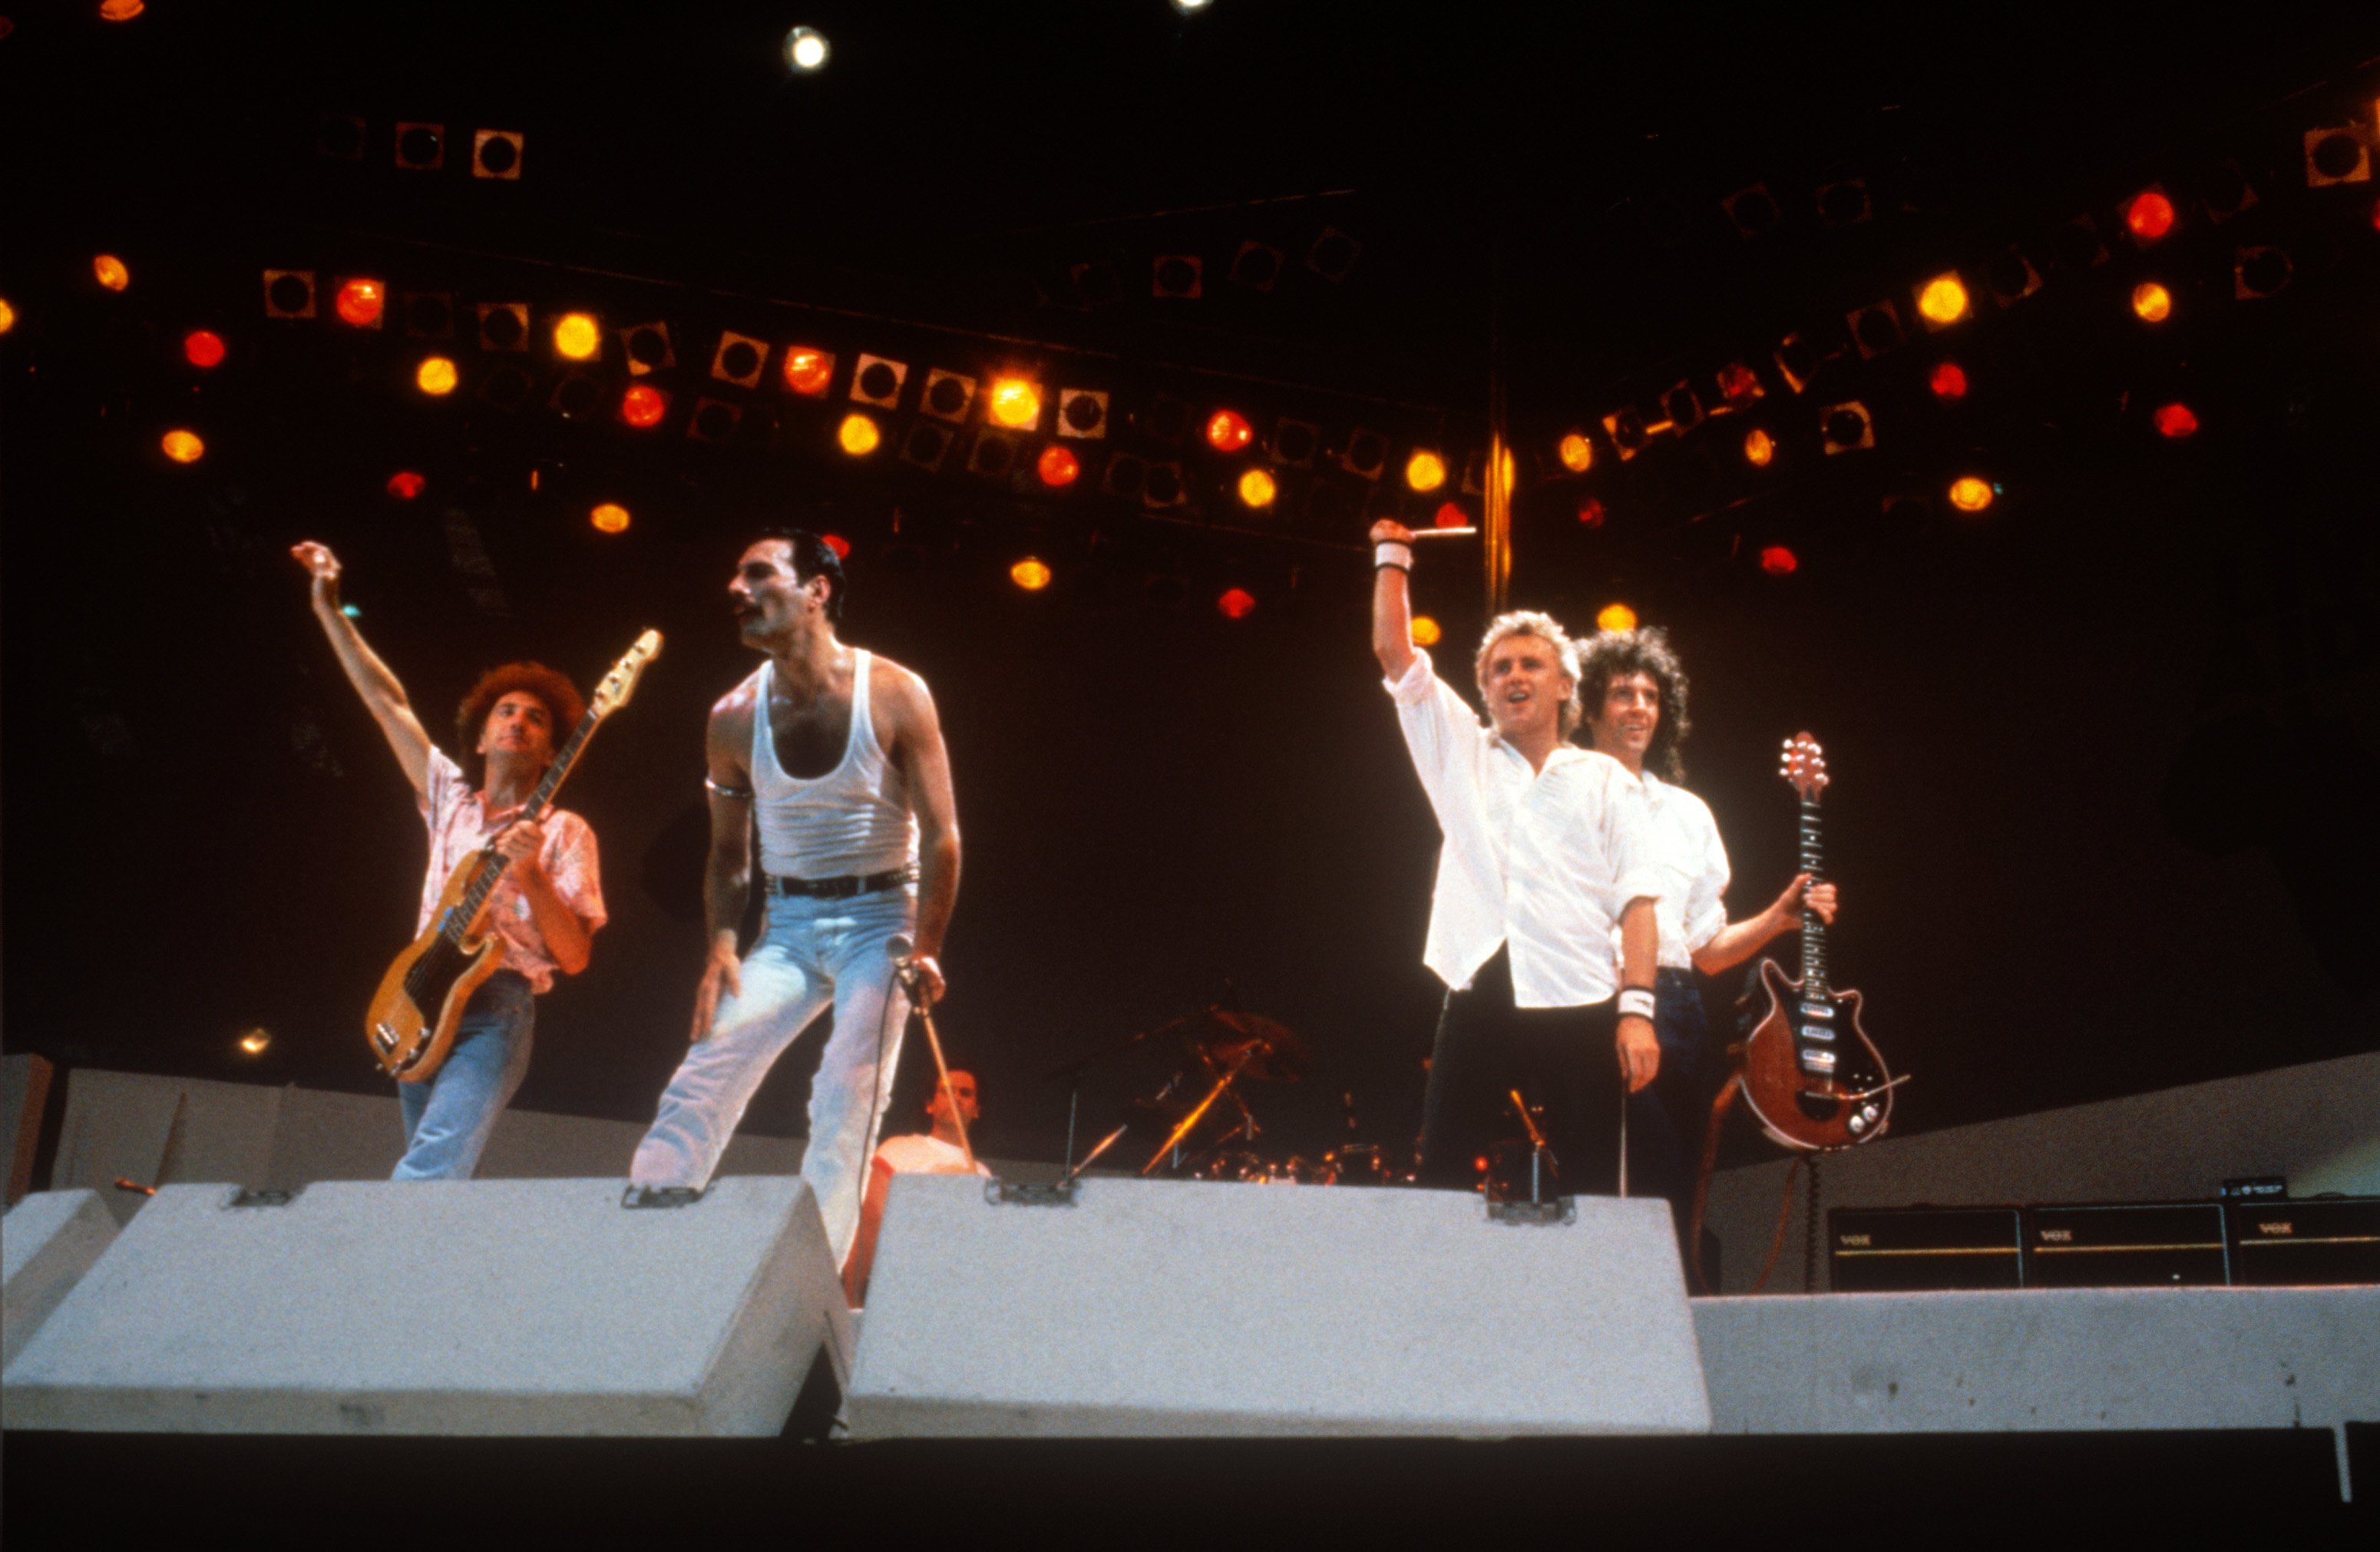 1985년 7월 13일, 런던에서 열린 '라이브 에이드'에서 공연한 퀸의 모습.